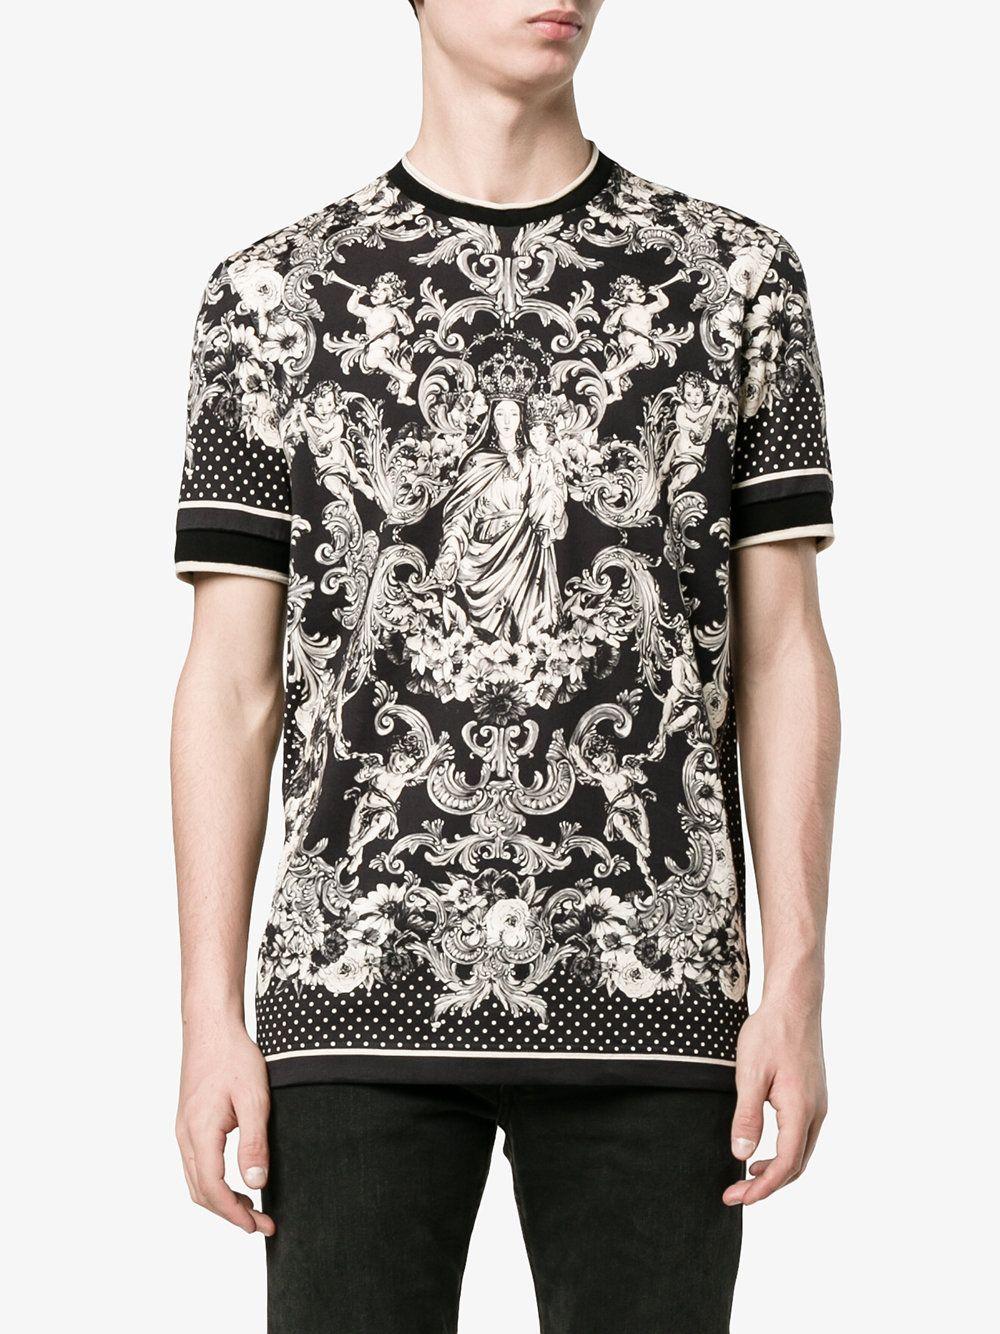 Dolce & Gabbana Madonna Bambino print t-shirt